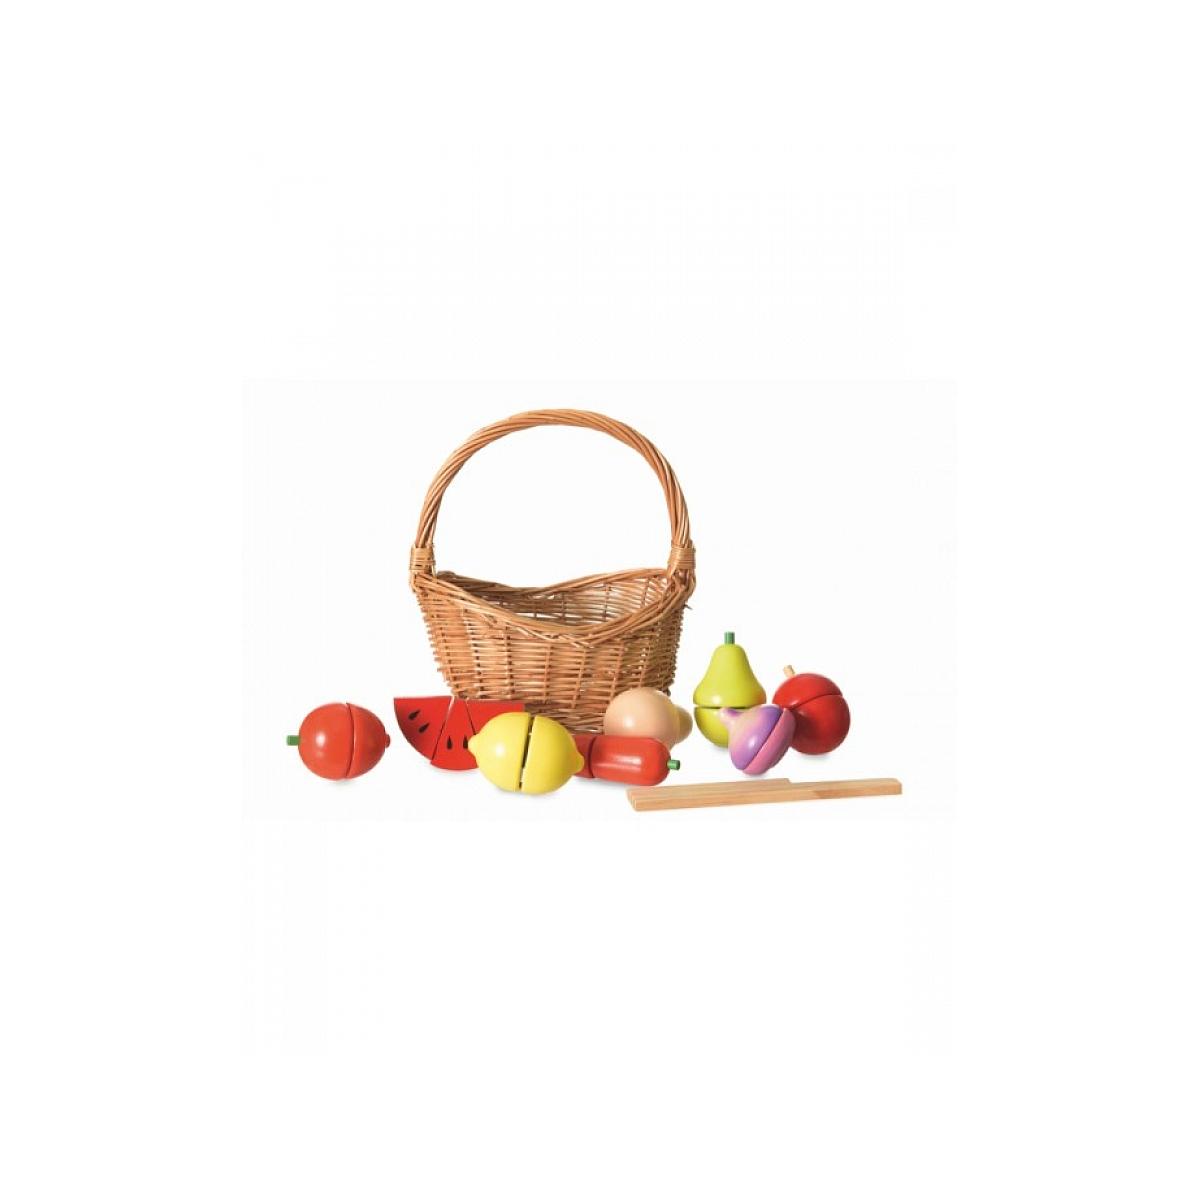 Egmont Toys - Set de fruits et legumes en bois  dans son panier